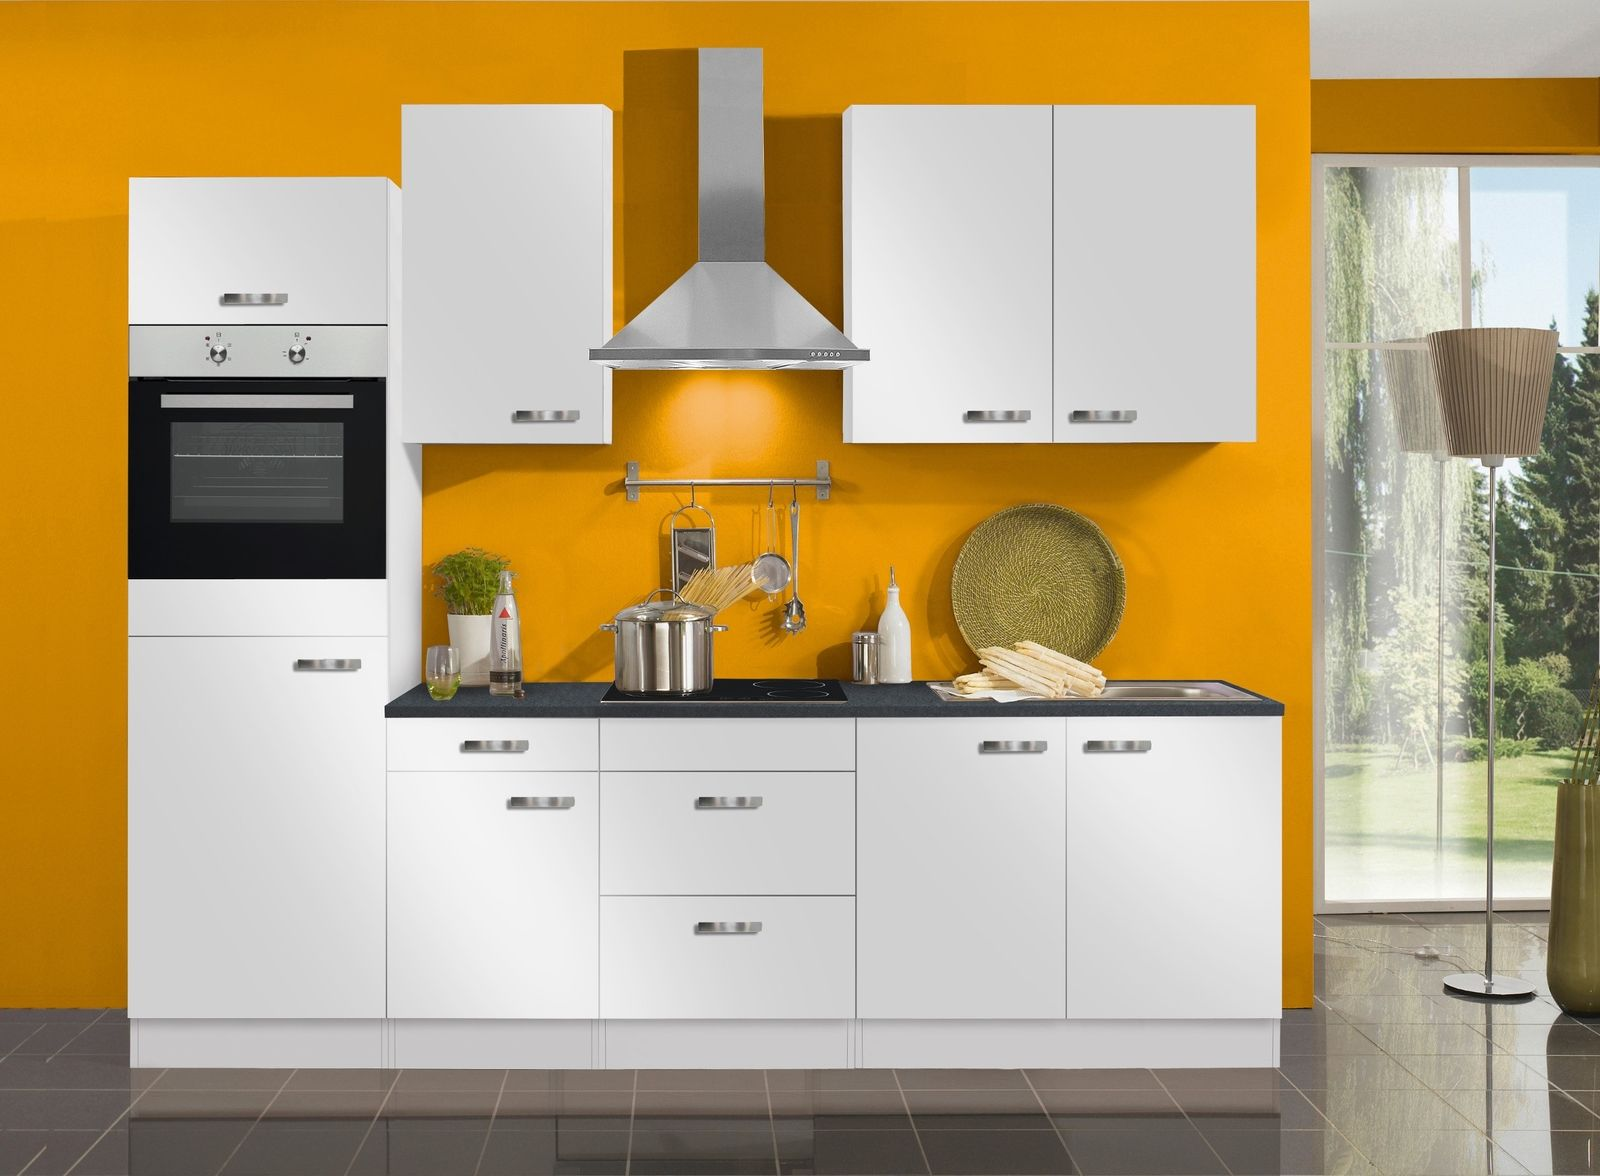 Full Size of Schrankküche Ikea Gebraucht Kchen Mehr Als 10000 Angebote Gebrauchte Küche Verkaufen Einbauküche Regale Kaufen Betten Kosten Gebrauchtwagen Bad Kreuznach Wohnzimmer Schrankküche Ikea Gebraucht